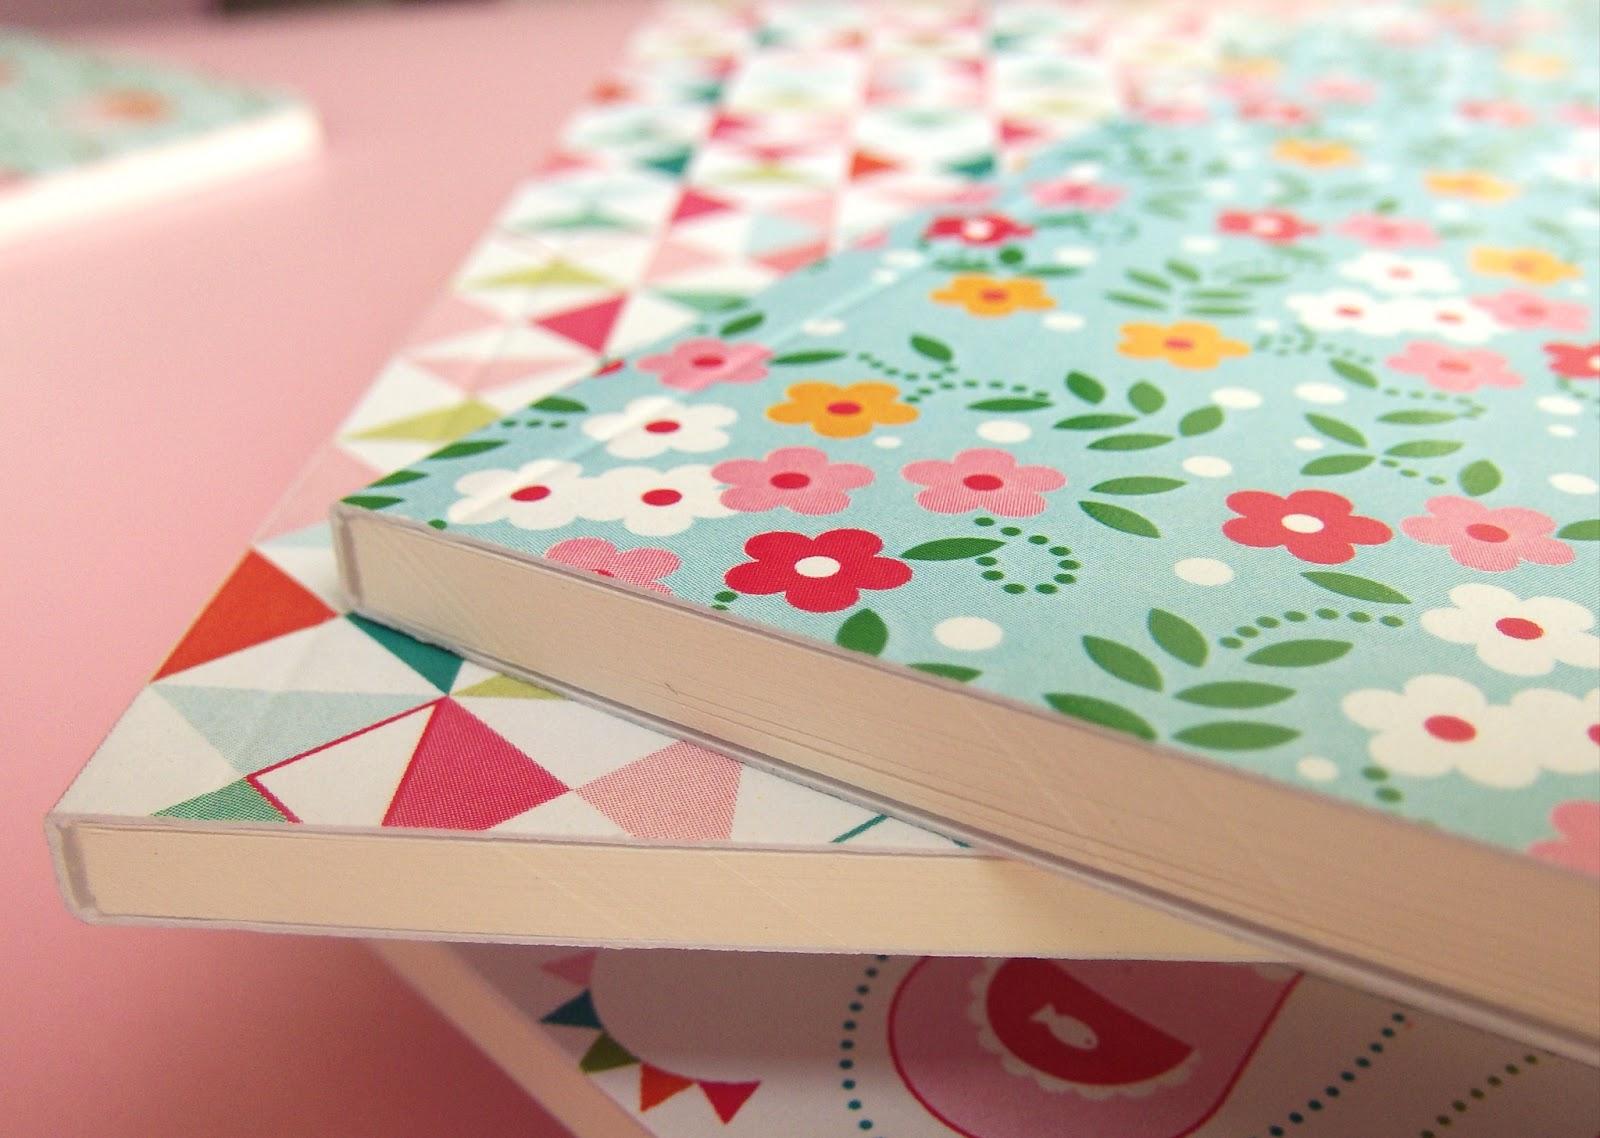 Tiboud 39 papier les boutiques l 39 art du papier paris - L art du papier paris ...